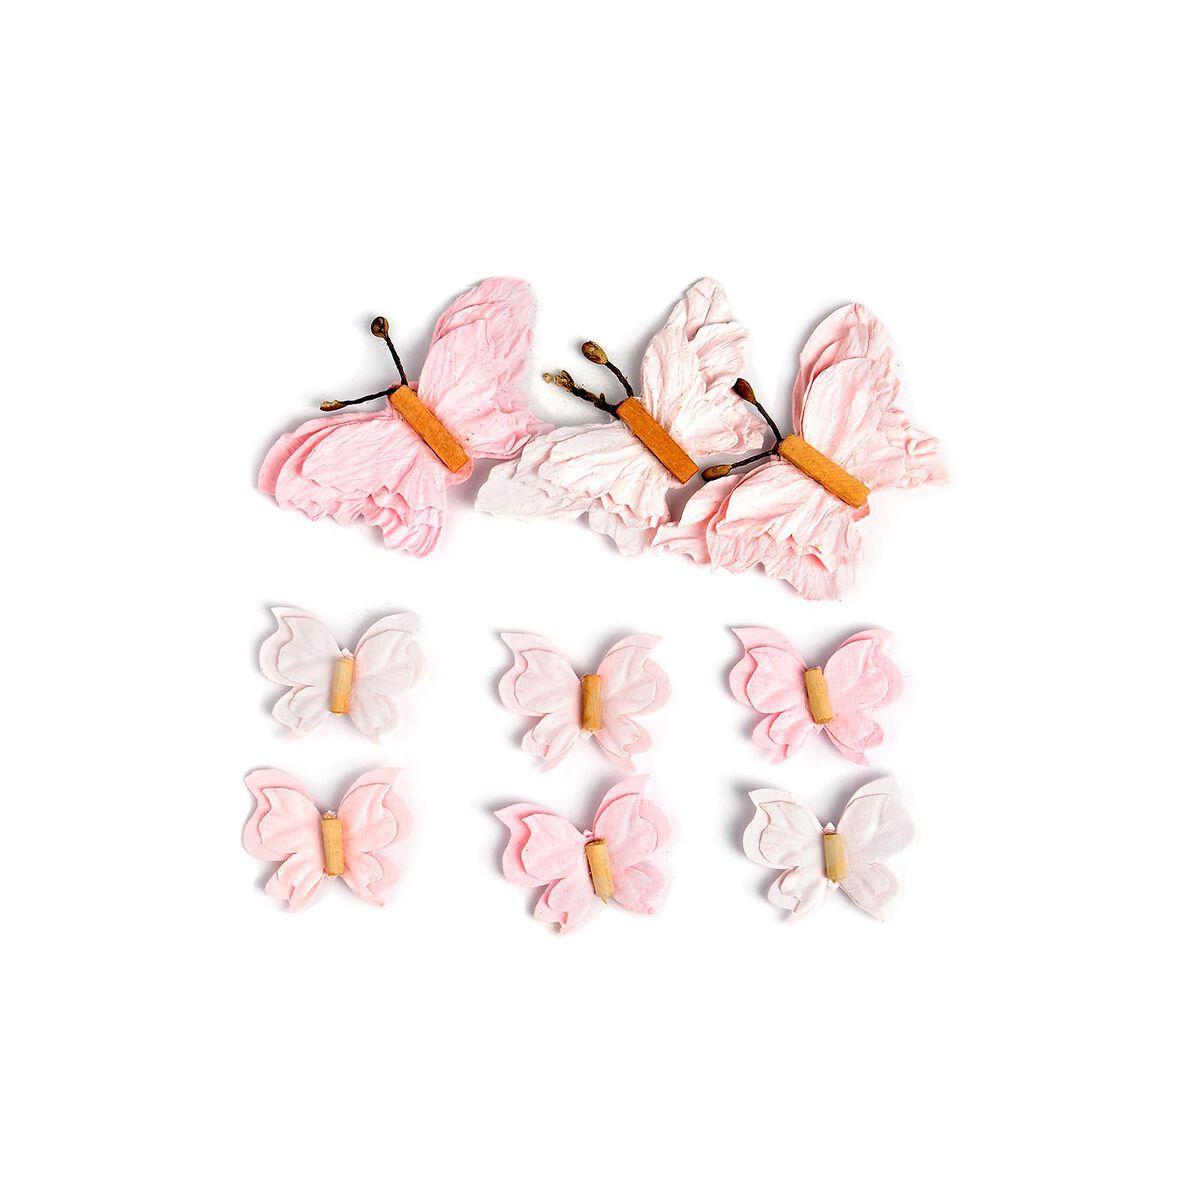 sticker schmetterling 3d 9er set rosa depot de. Black Bedroom Furniture Sets. Home Design Ideas